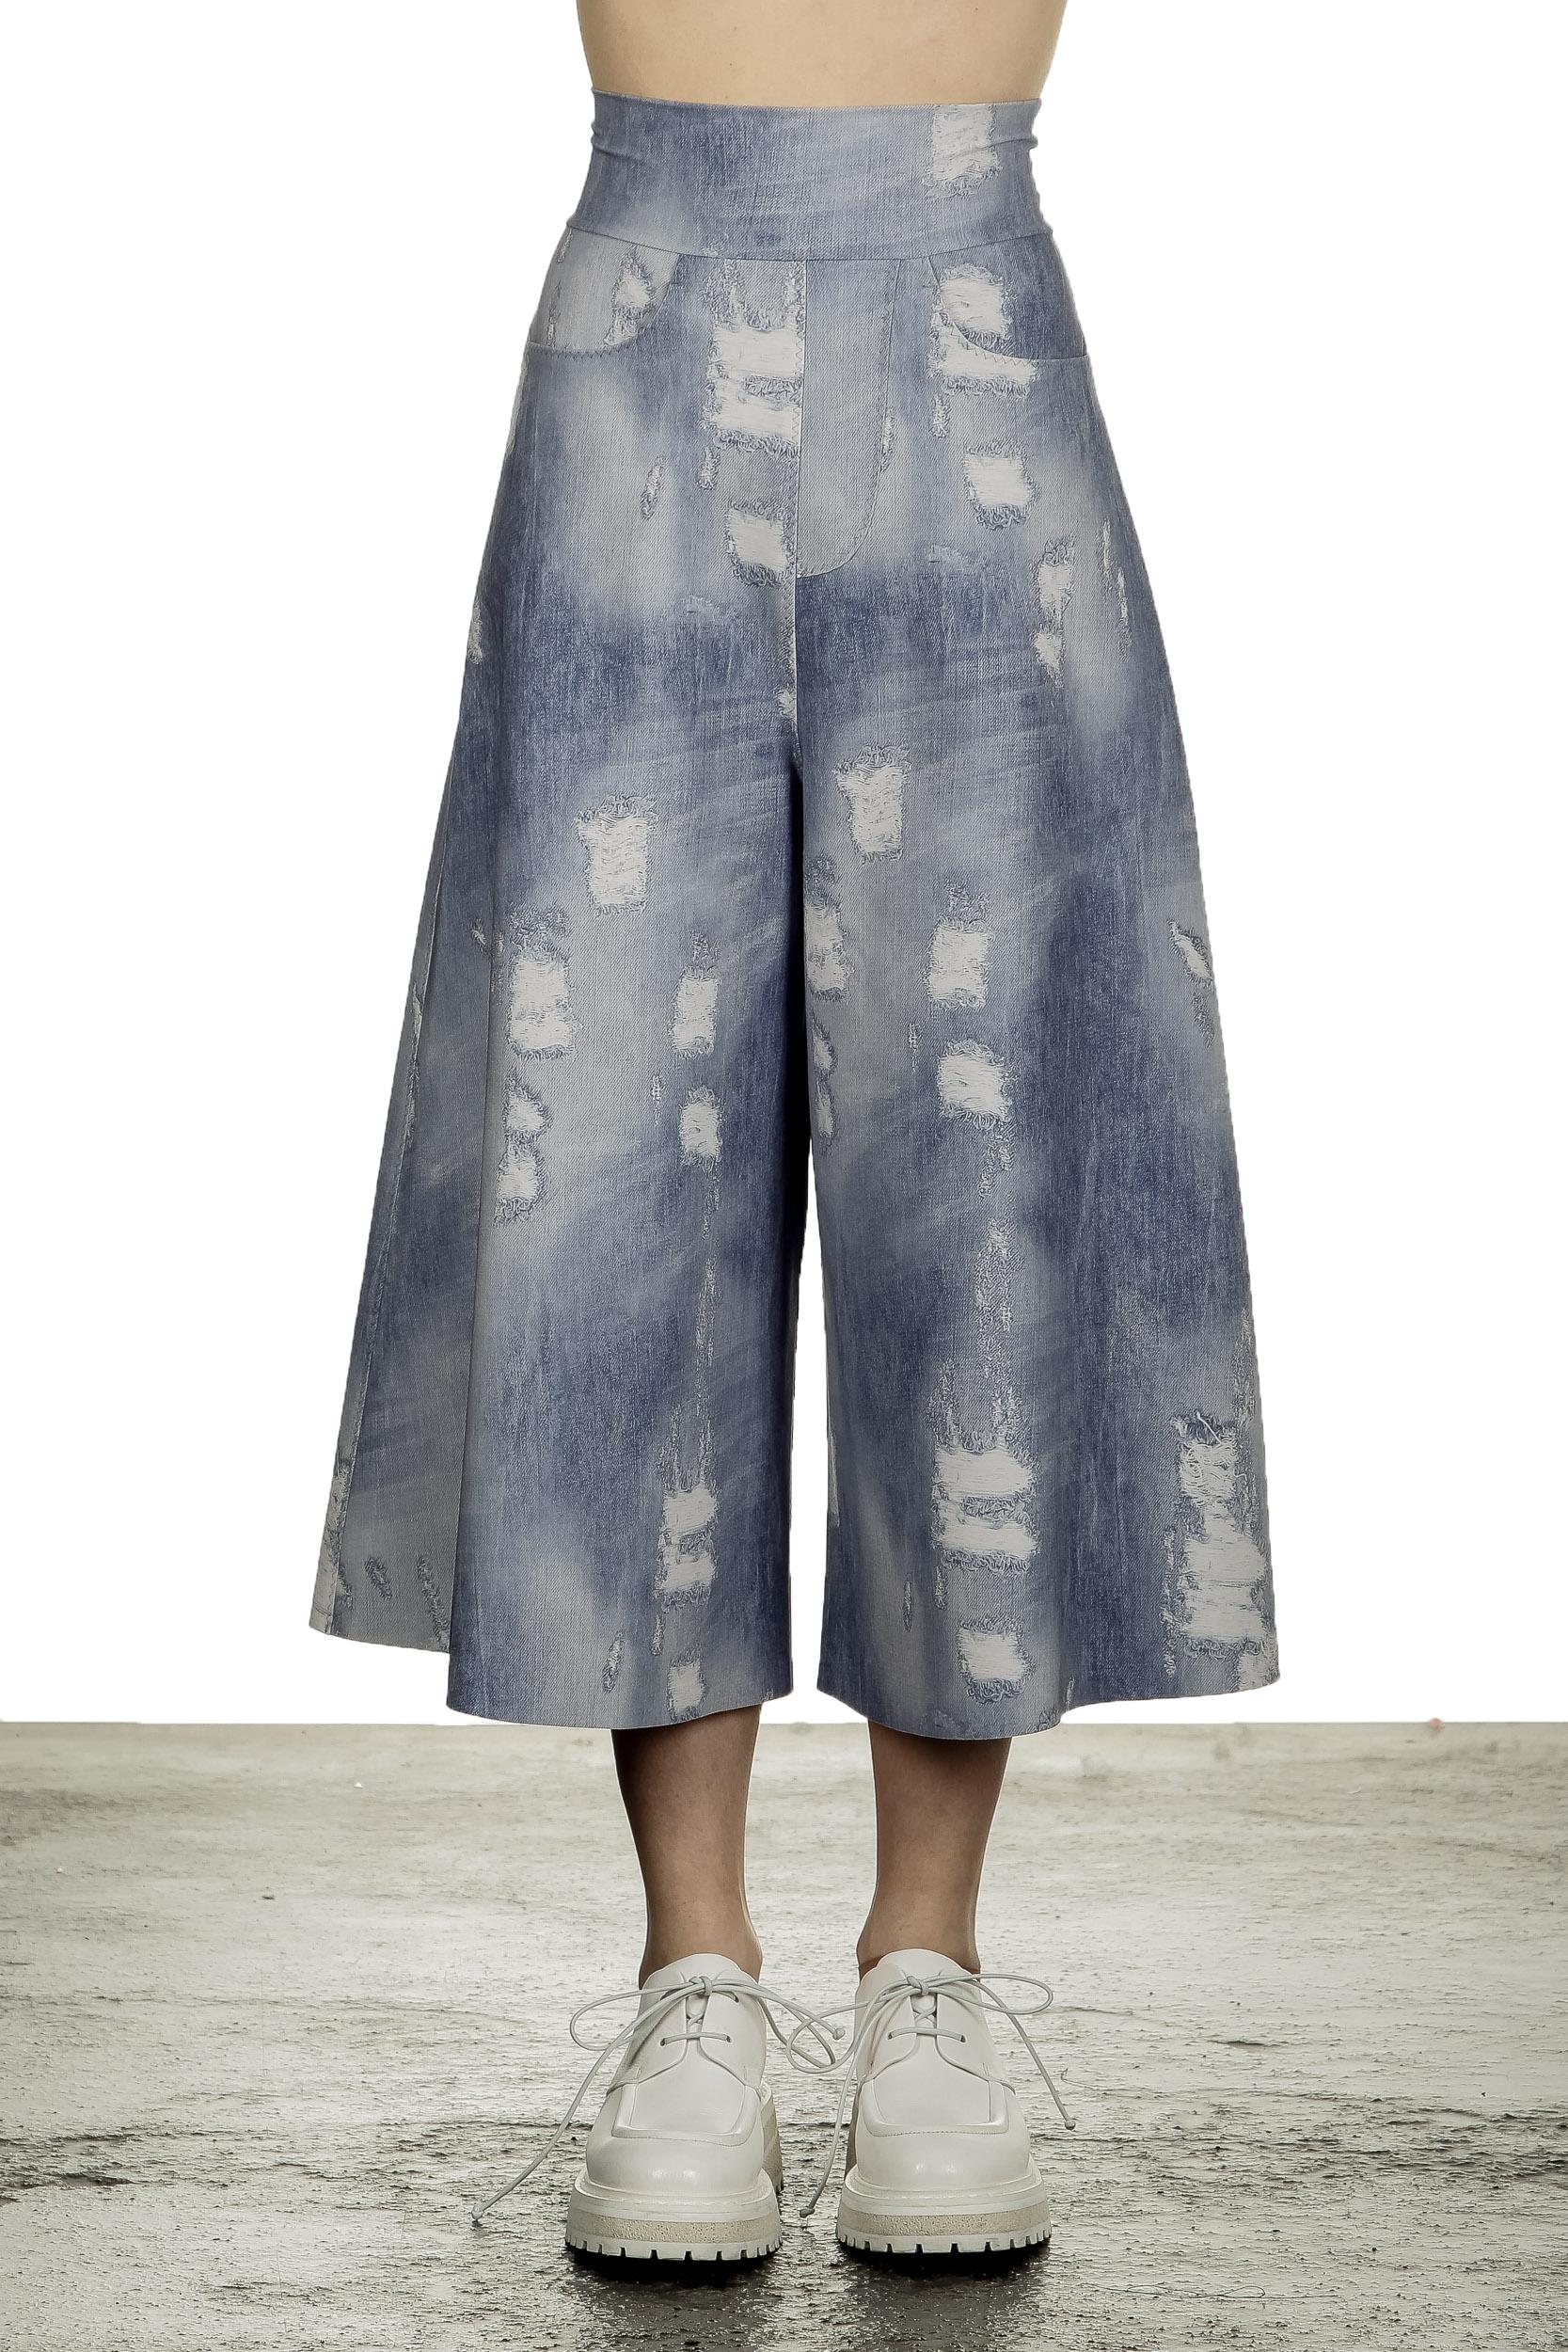 Hosen - Schella Kann 2 Damen Culotte Hose in Jeans Print mehrfarbig  - Onlineshop Luxury Loft